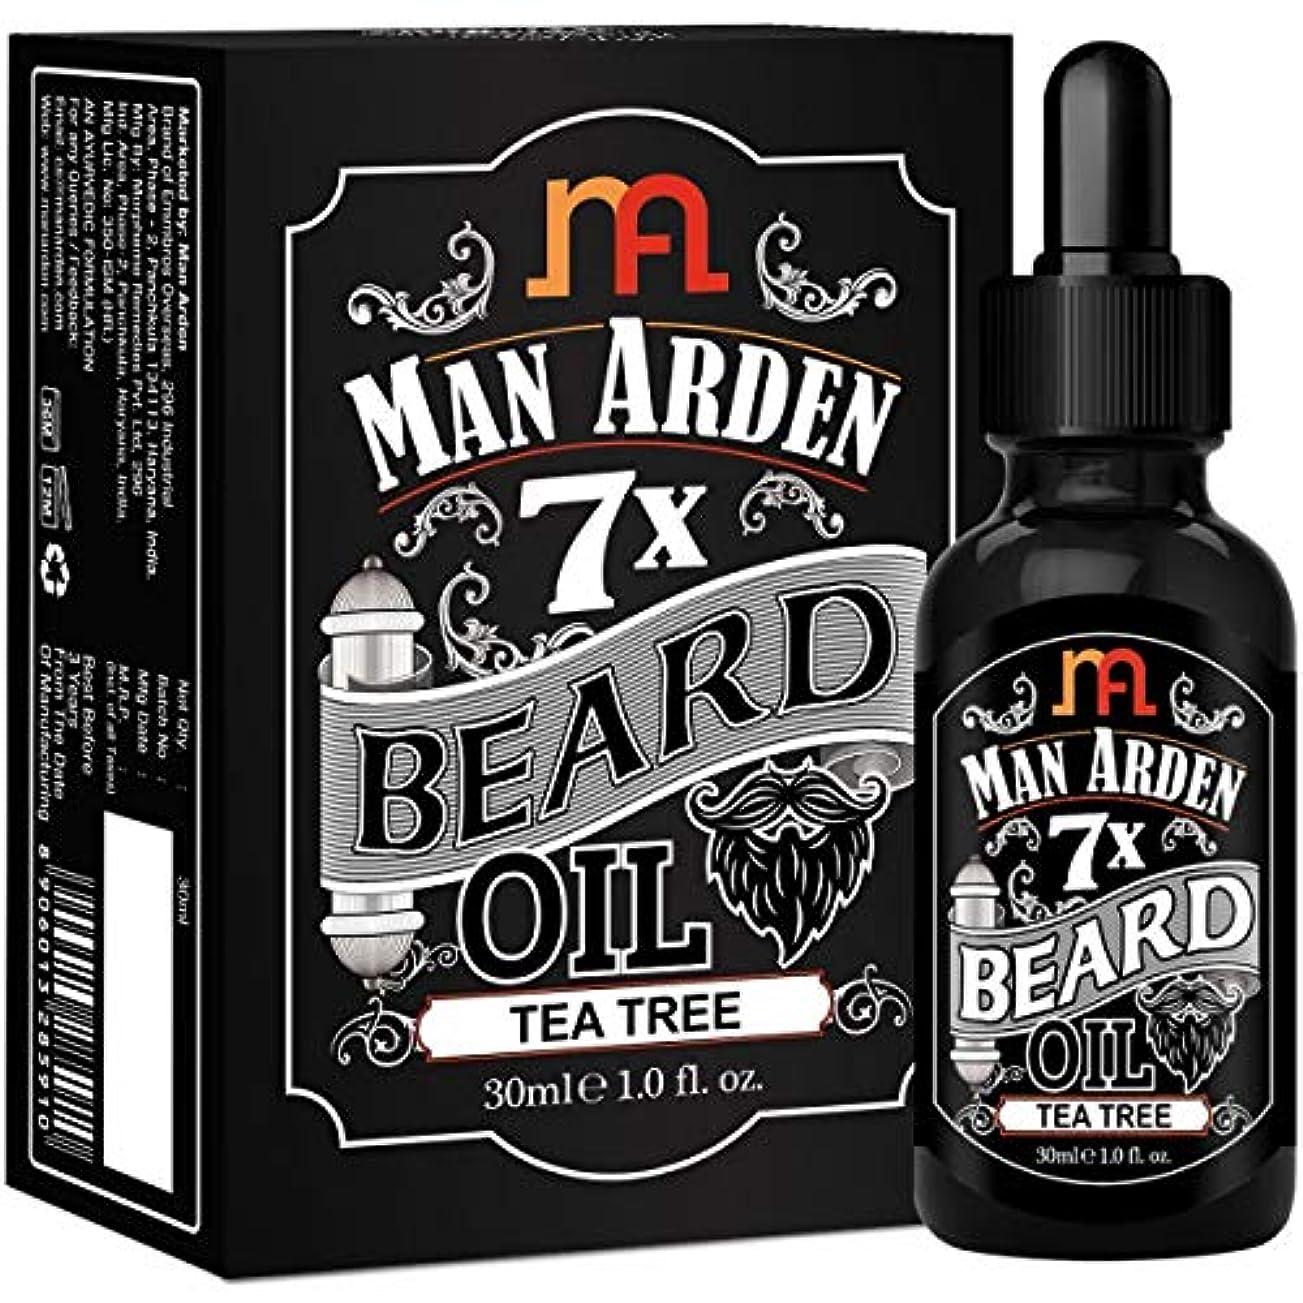 変形する身元伝説Man Arden 7X Beard Oil 30ml (Tea Tree) - 7 Premium Oils Blend For Beard Growth & Nourishment